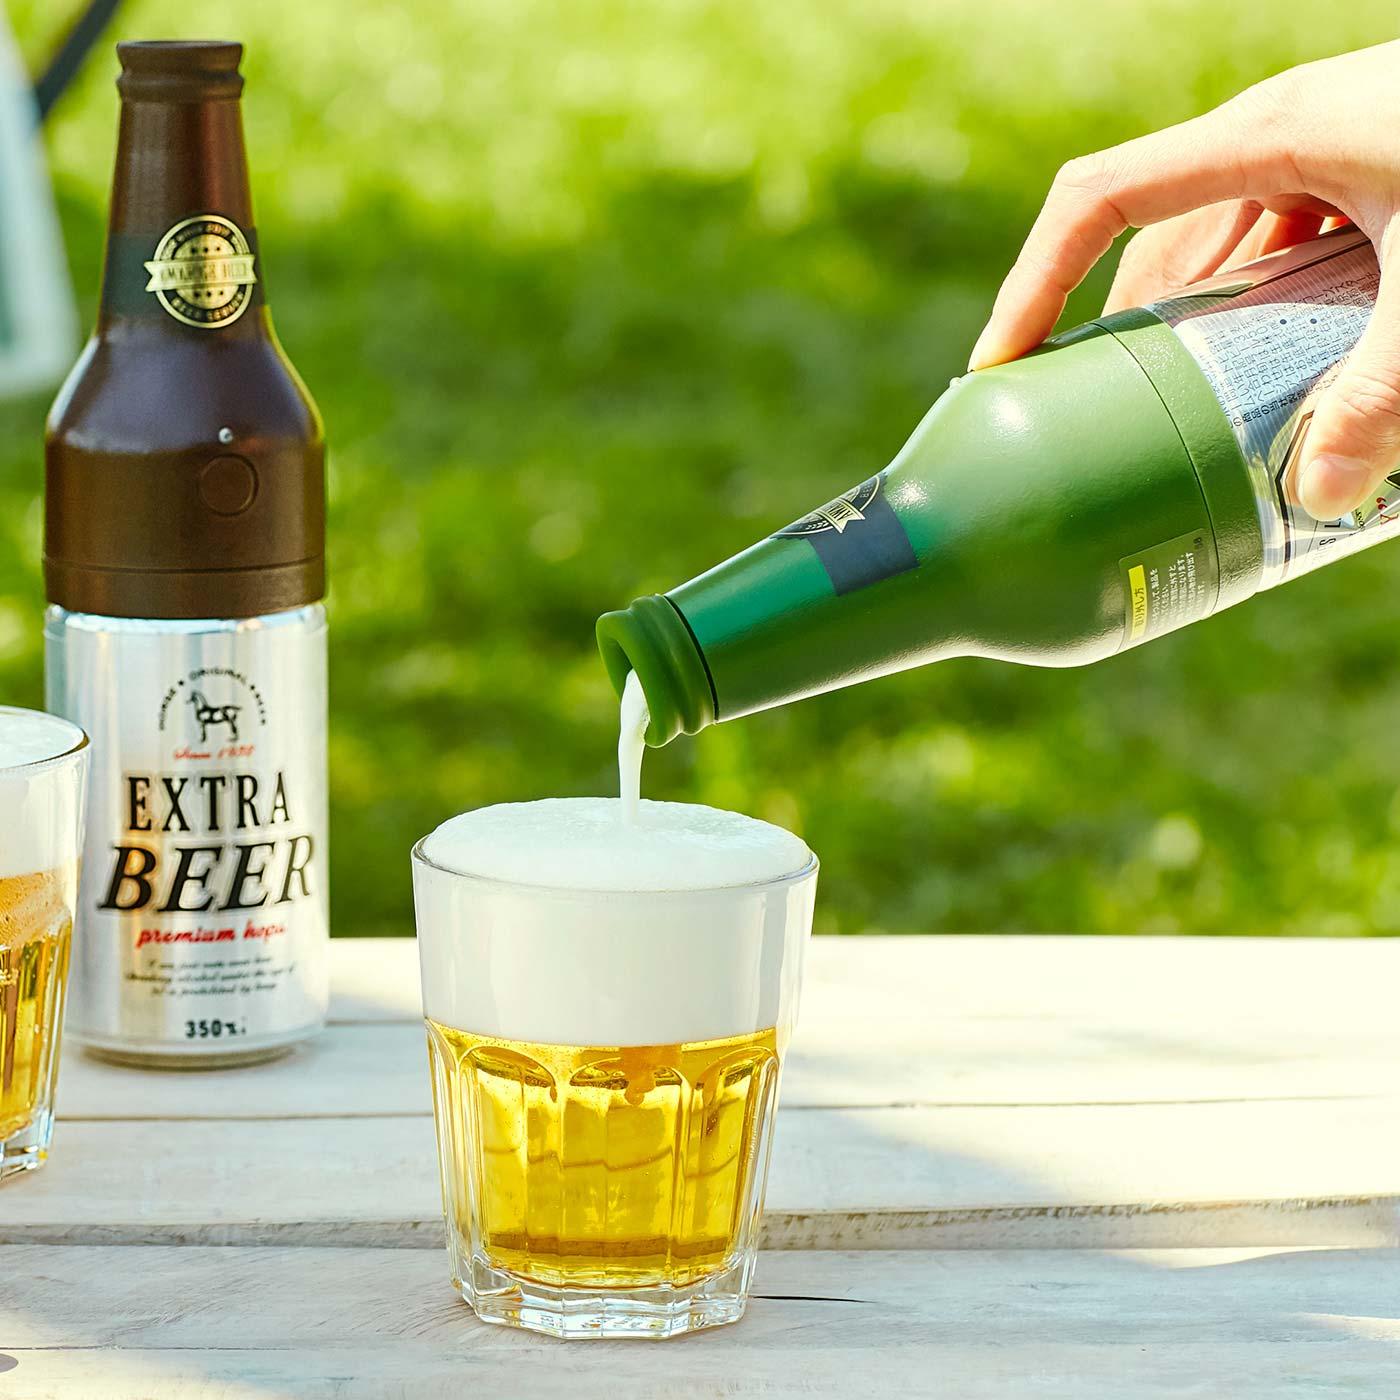 フェリシモ ボタンひとつでクリーミーな泡 缶ビールにセットするビアサーバー〈ブラウン〉